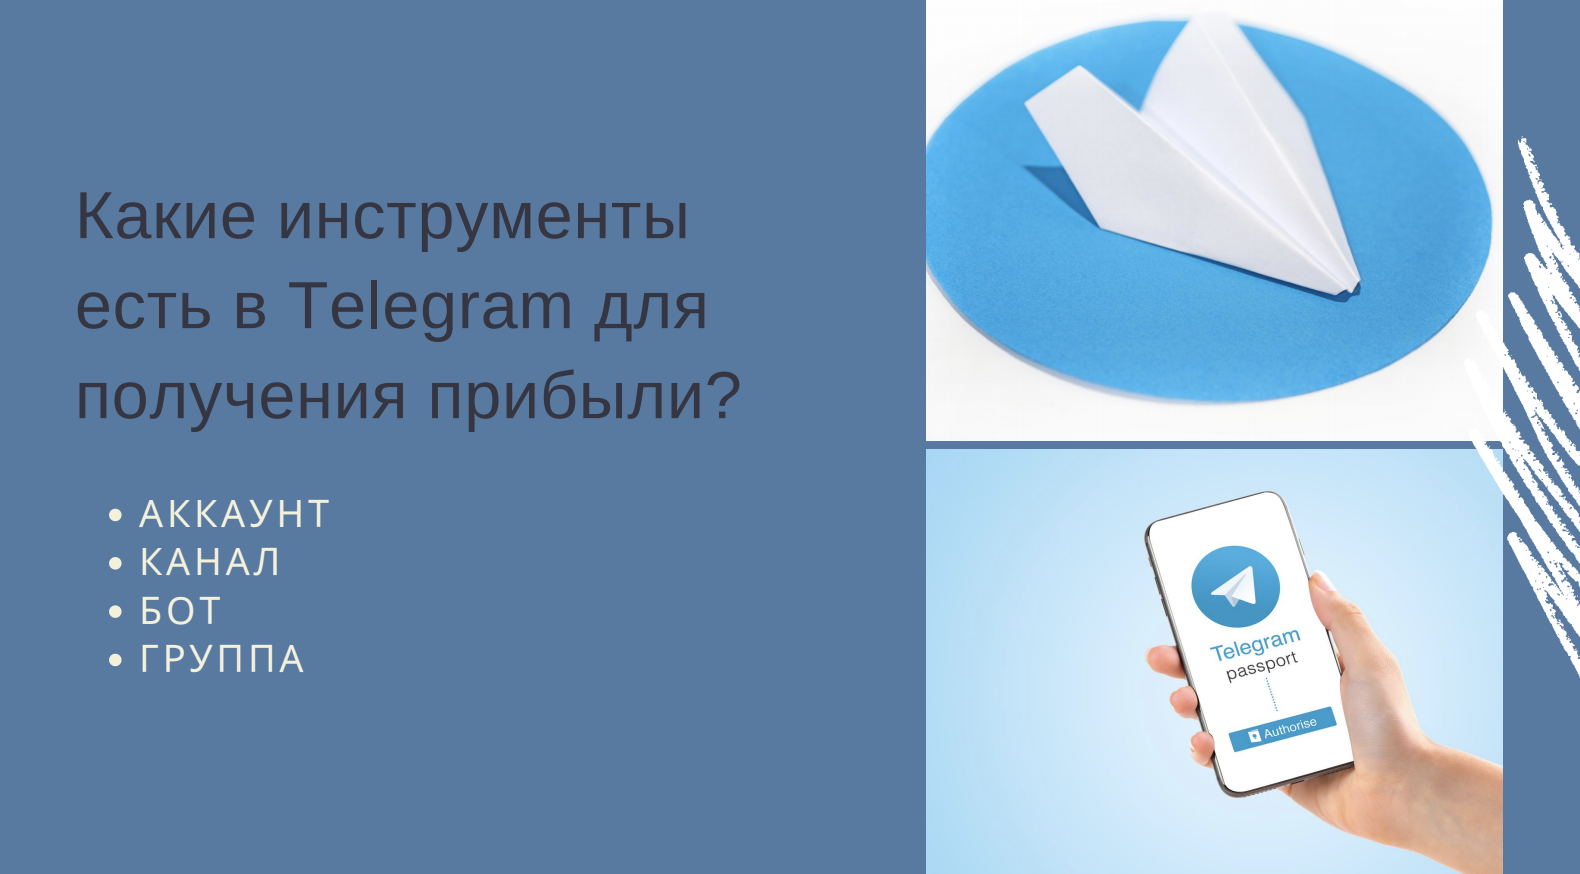 Инструменты в Телеграме